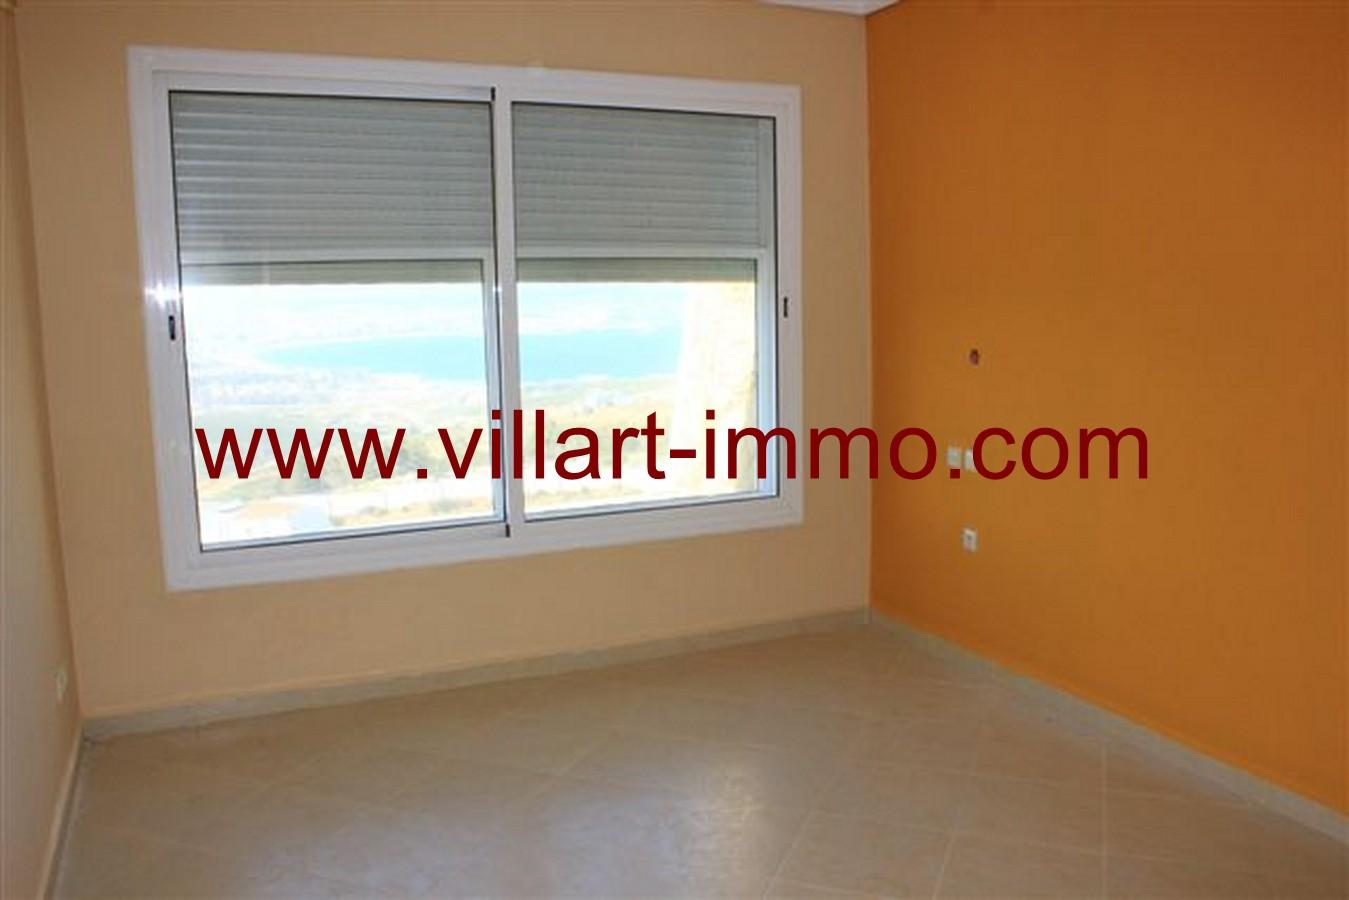 12-Vente-Appartement-Tanger-Malabata-Projet-MIR3-Villart Immo